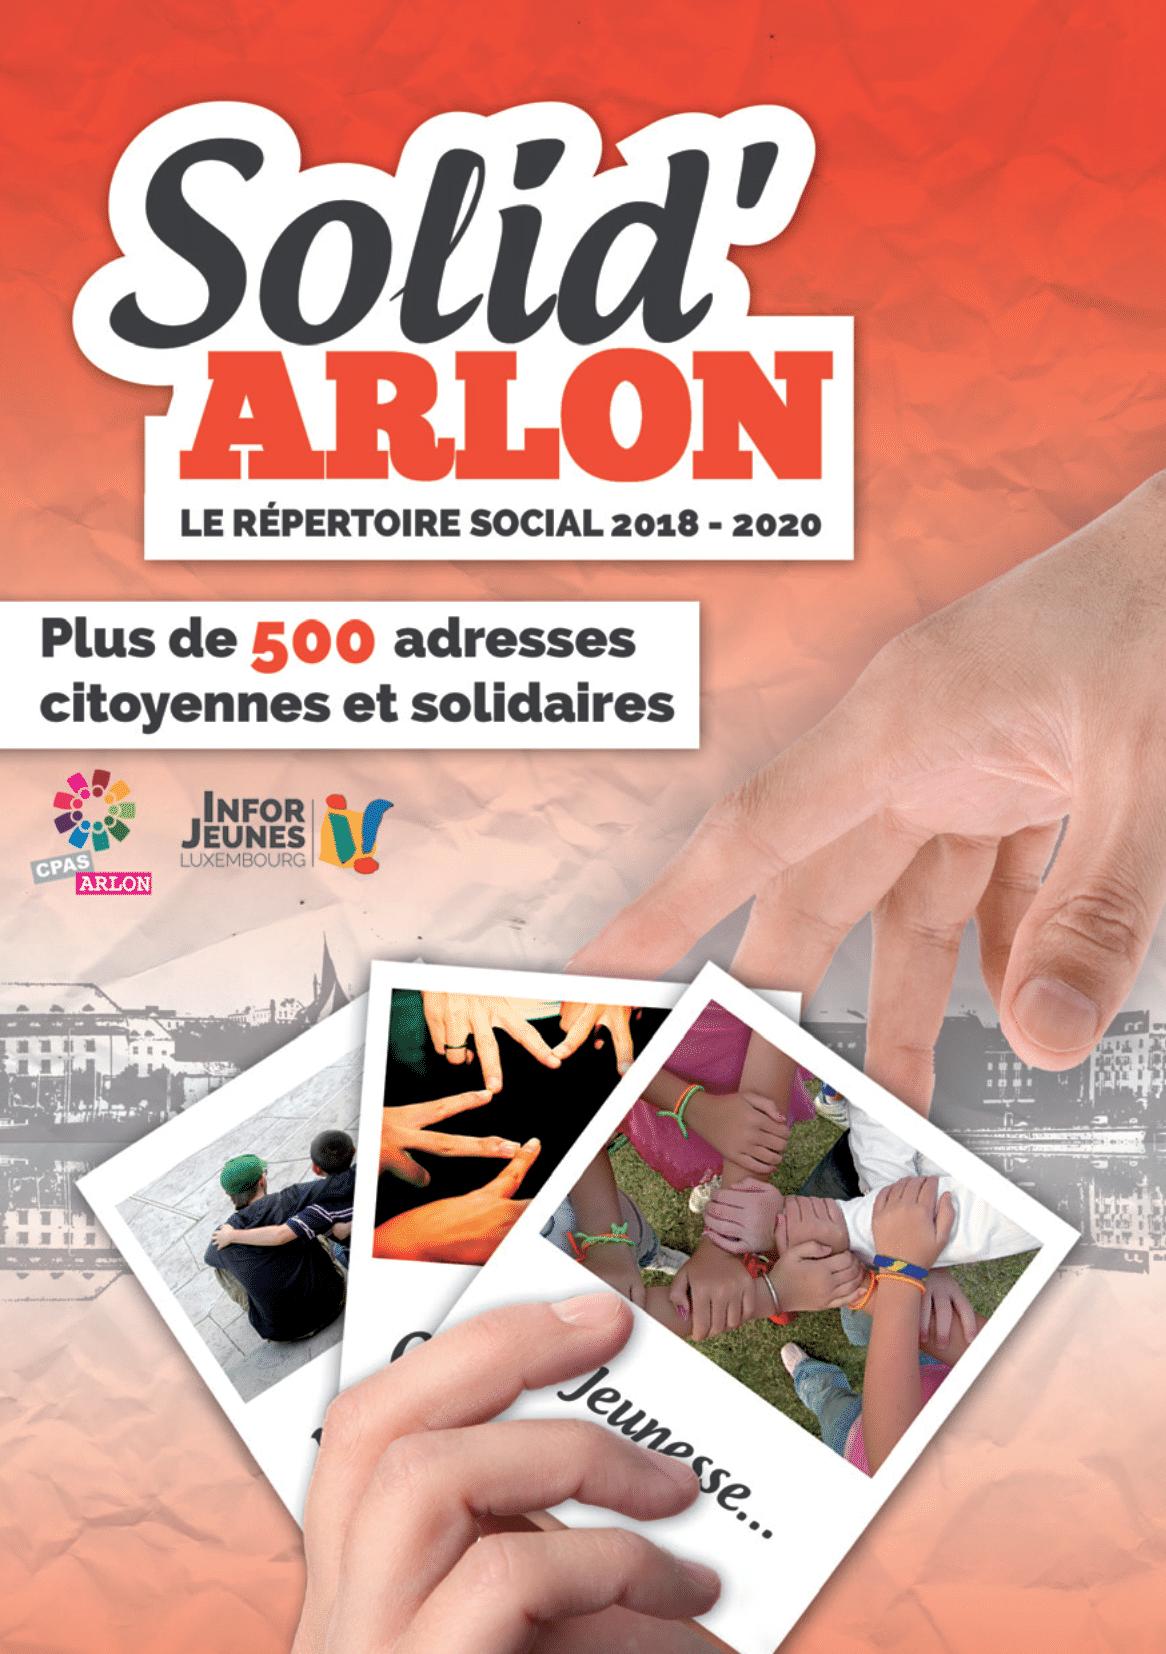 SolidArlon2018 (1)-1